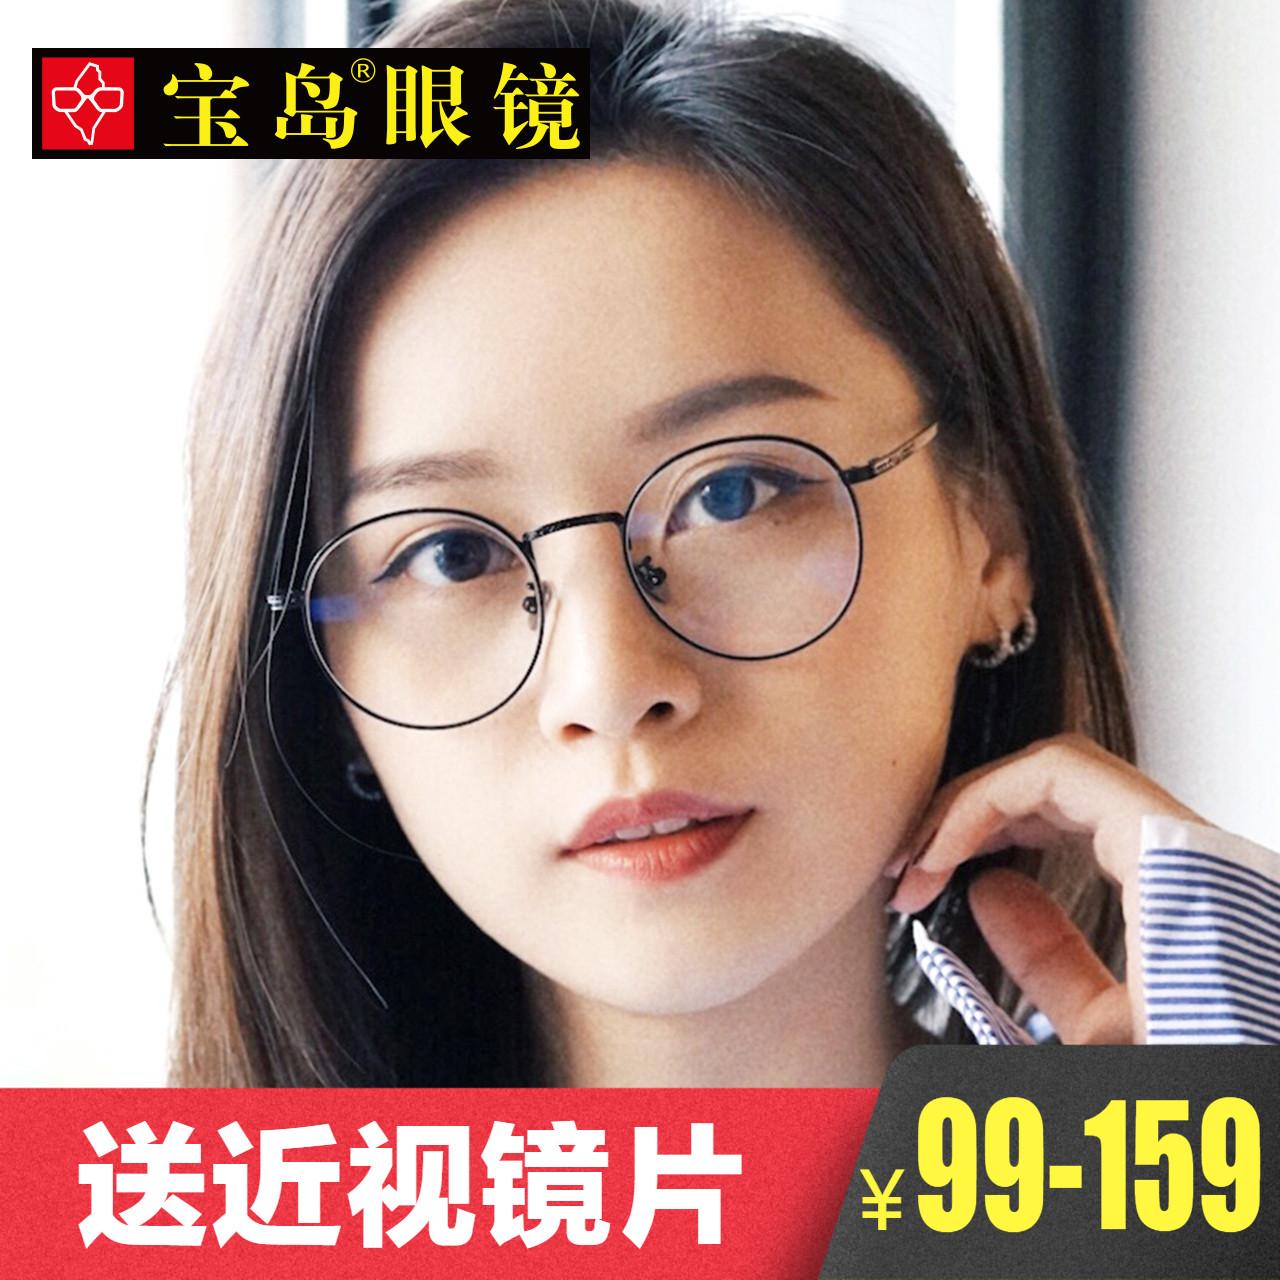 Сокровище остров очки близорукость очки женщина вегетарианец цвет большая коробка ретро мужчина металл рамка корейская волна матч конечный продукт очки